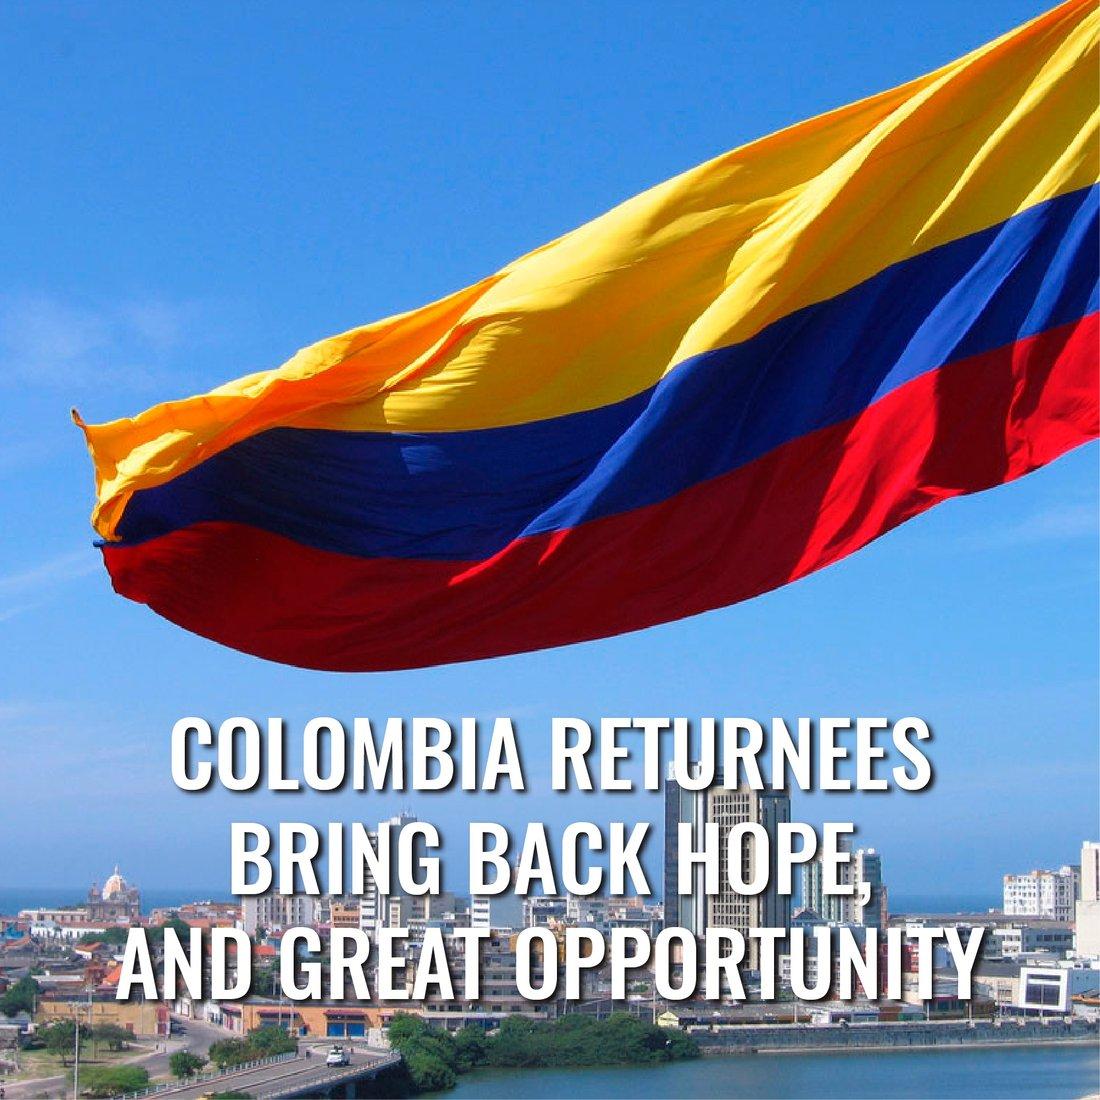 Colombia-returnees-01.jpg